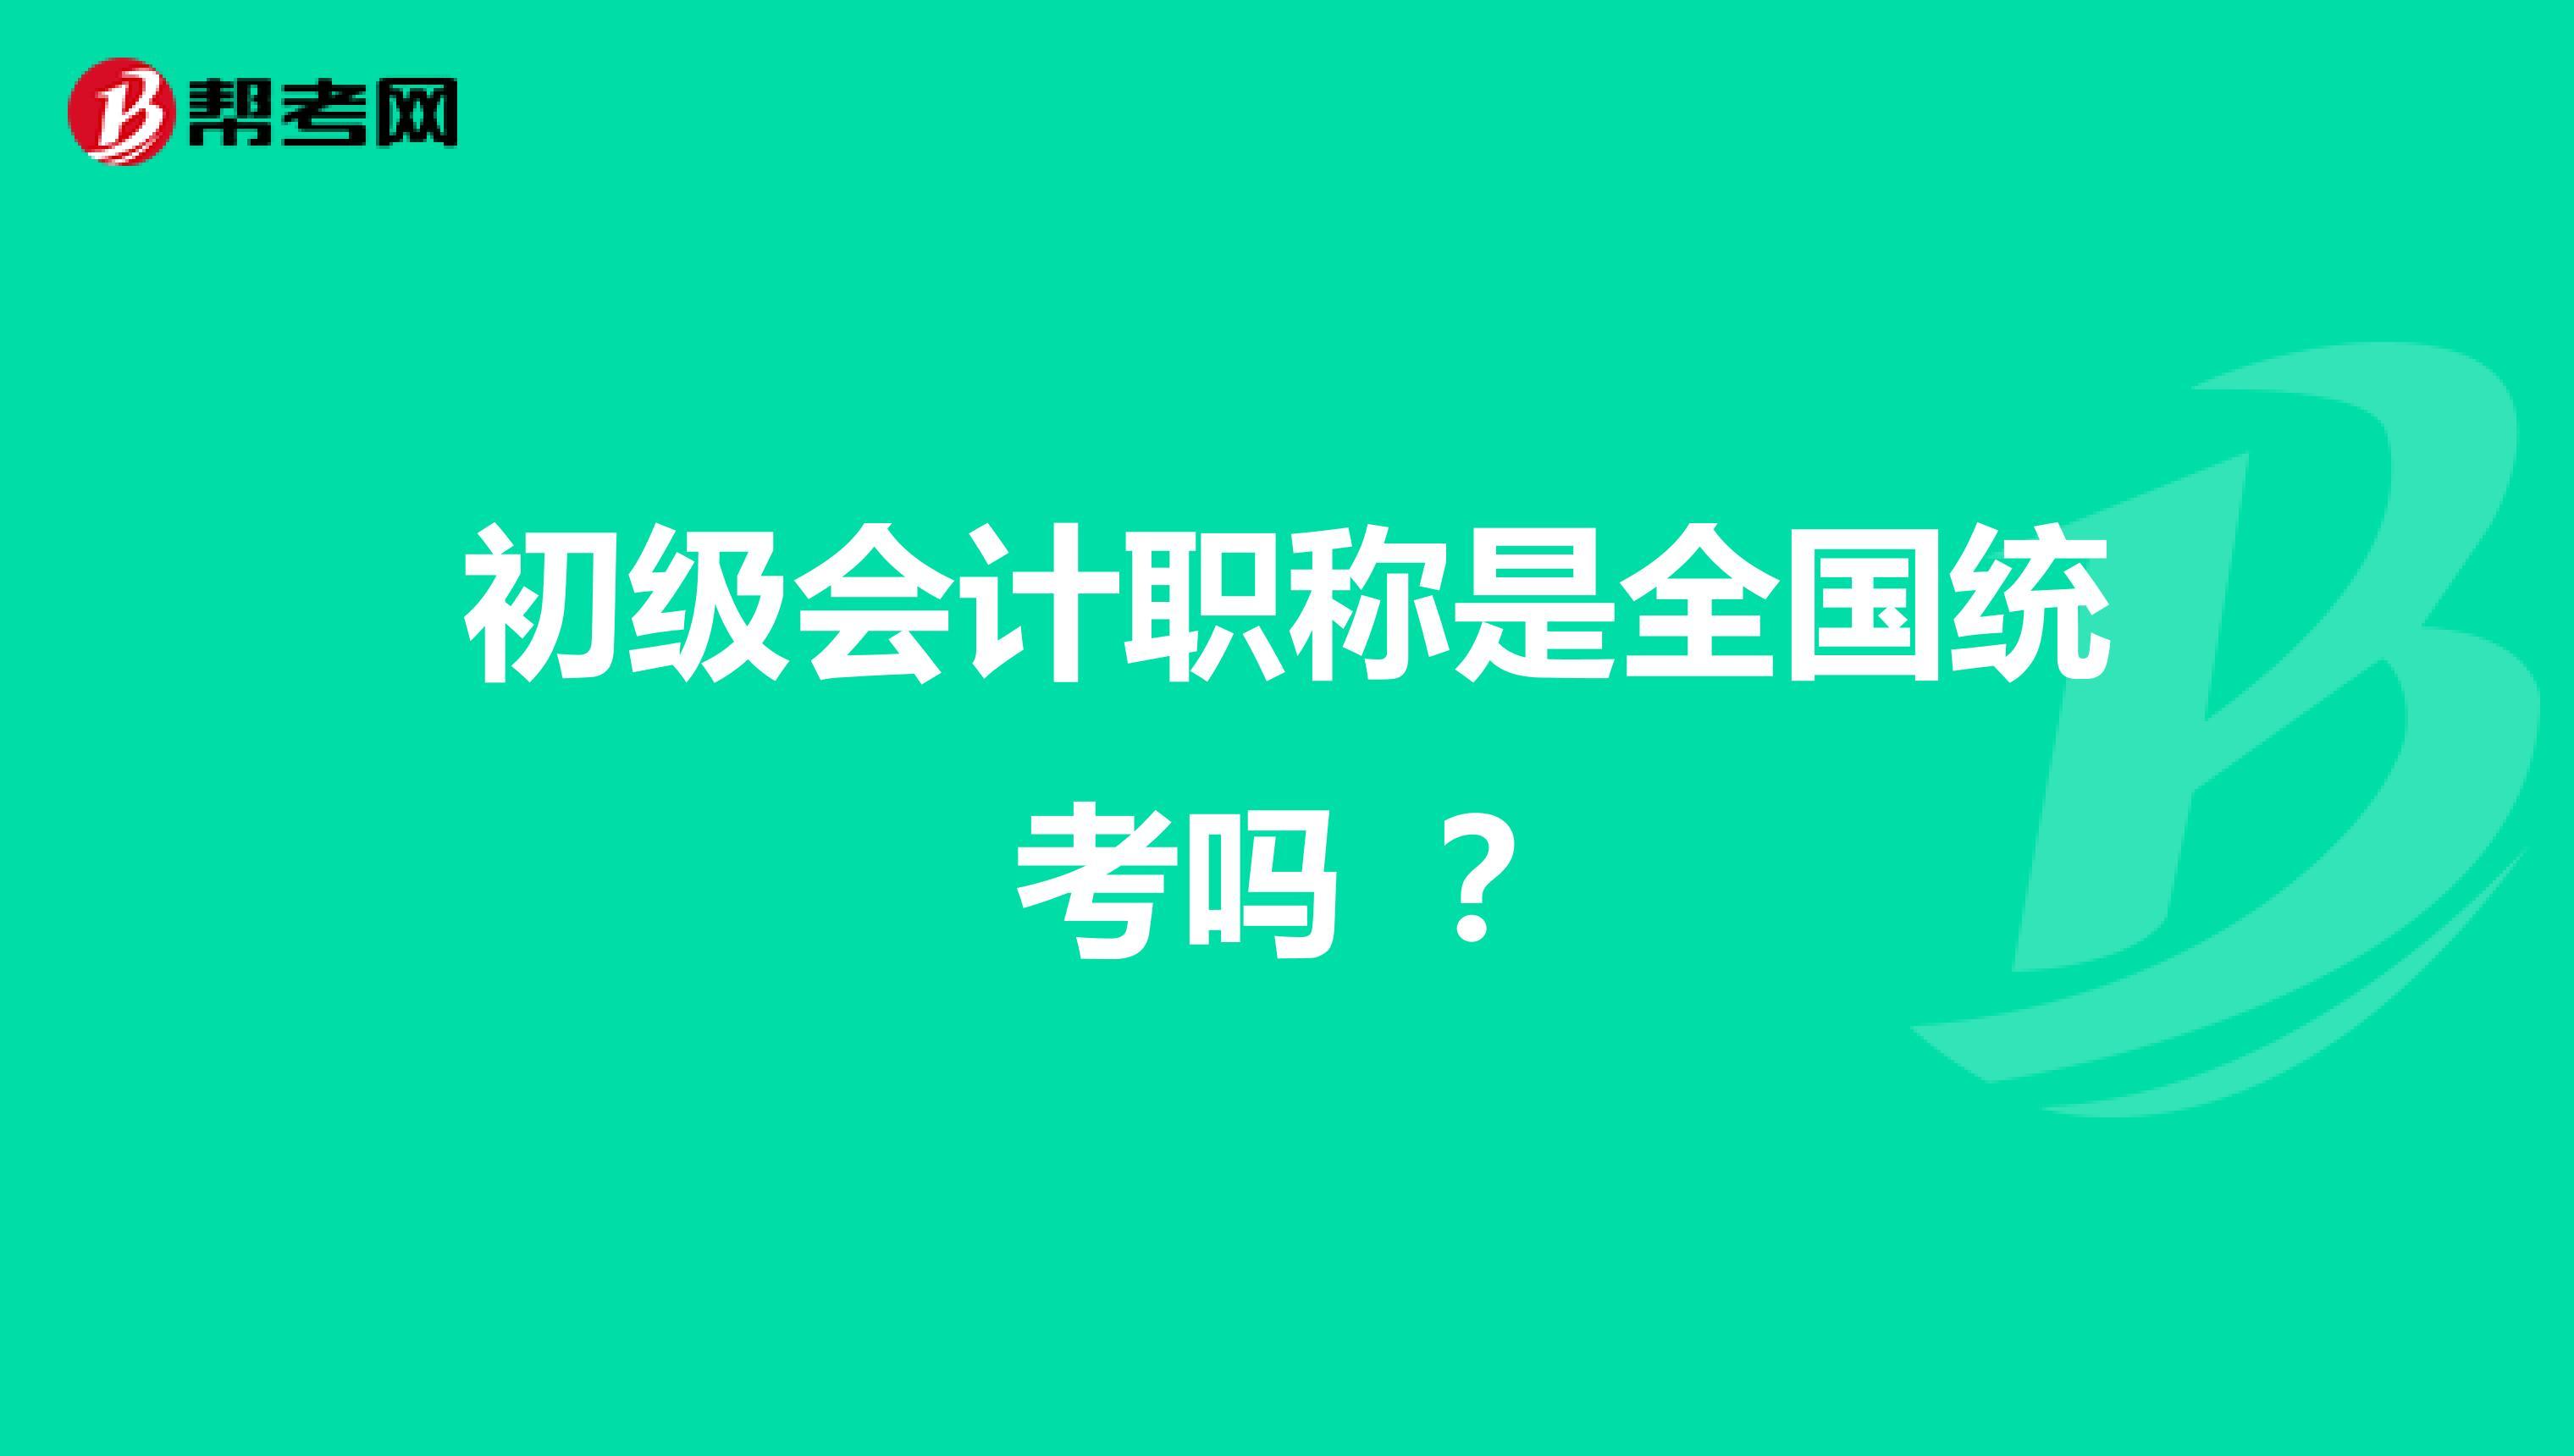 (威廉希尔指数欧500指数)初级会计app是全国统考吗 ?